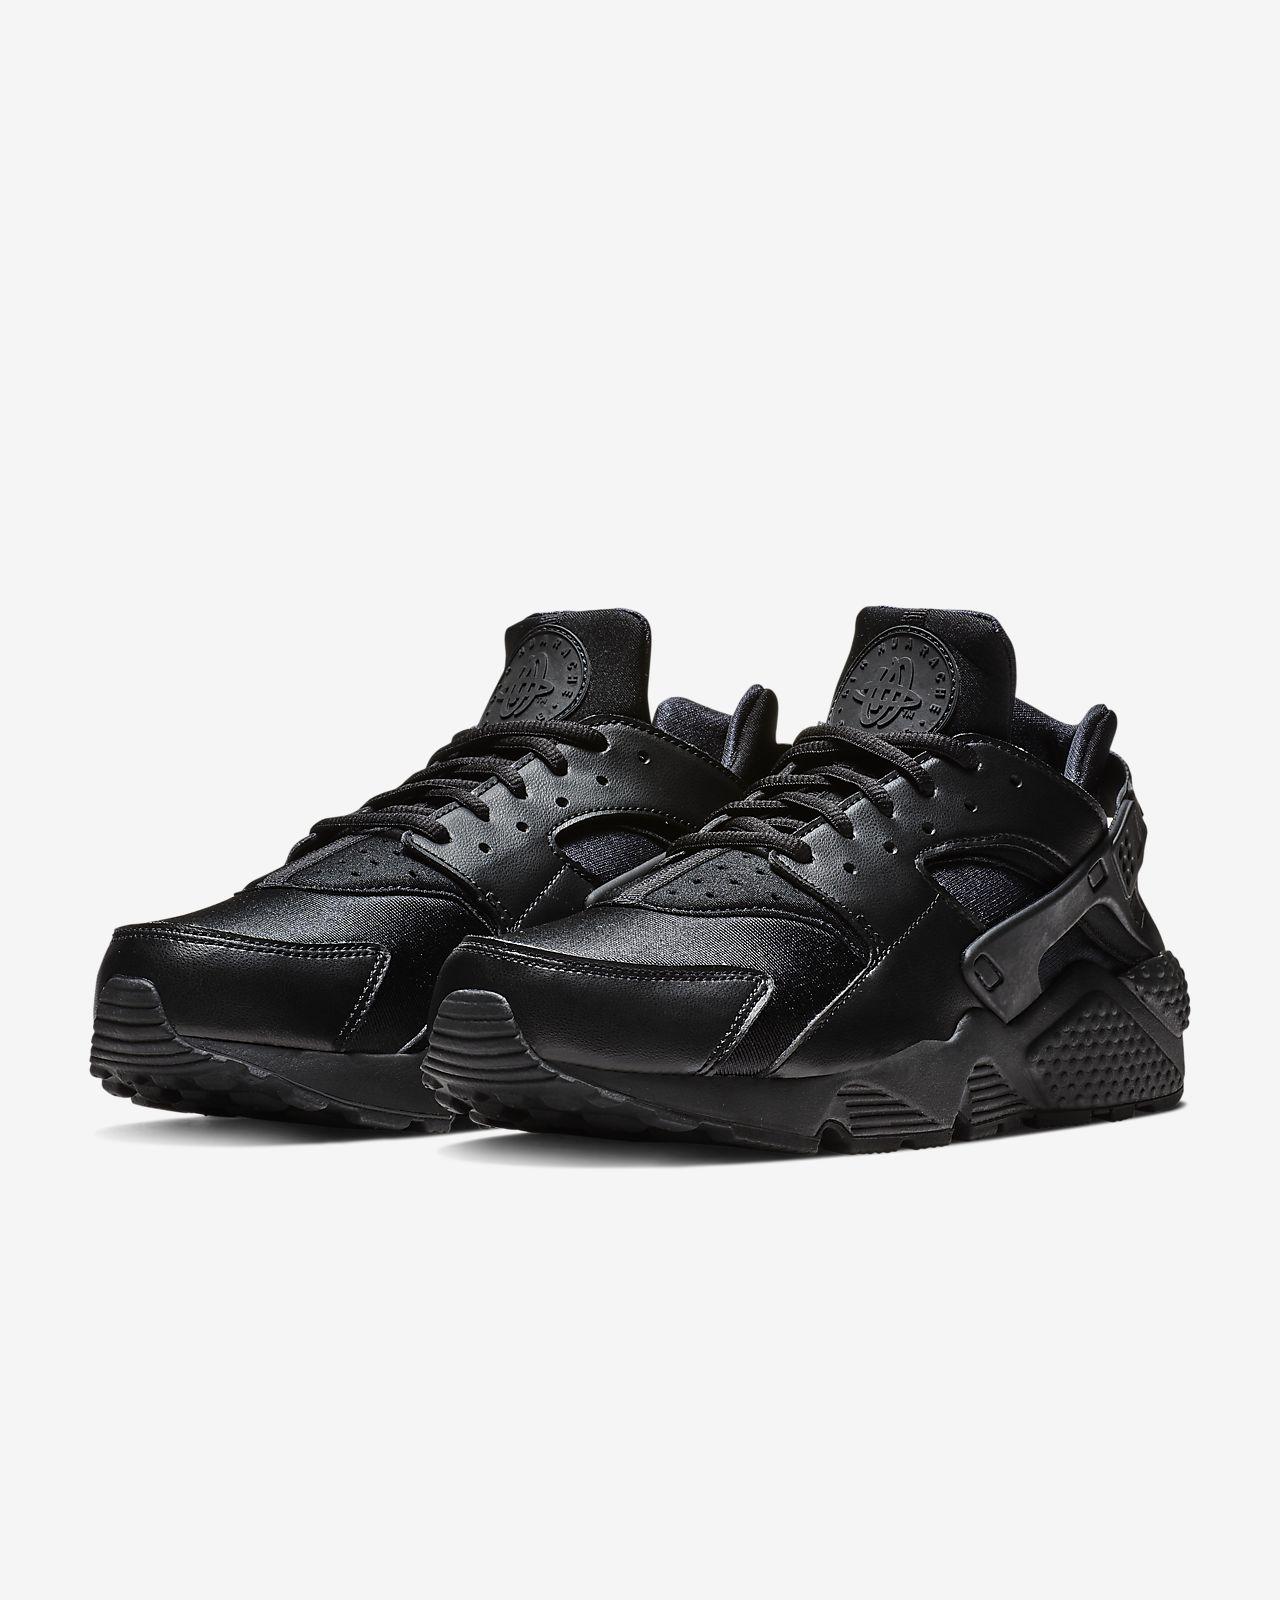 Adidas Homme 10k Été 2019 Chaussures de Course Baskets Temps